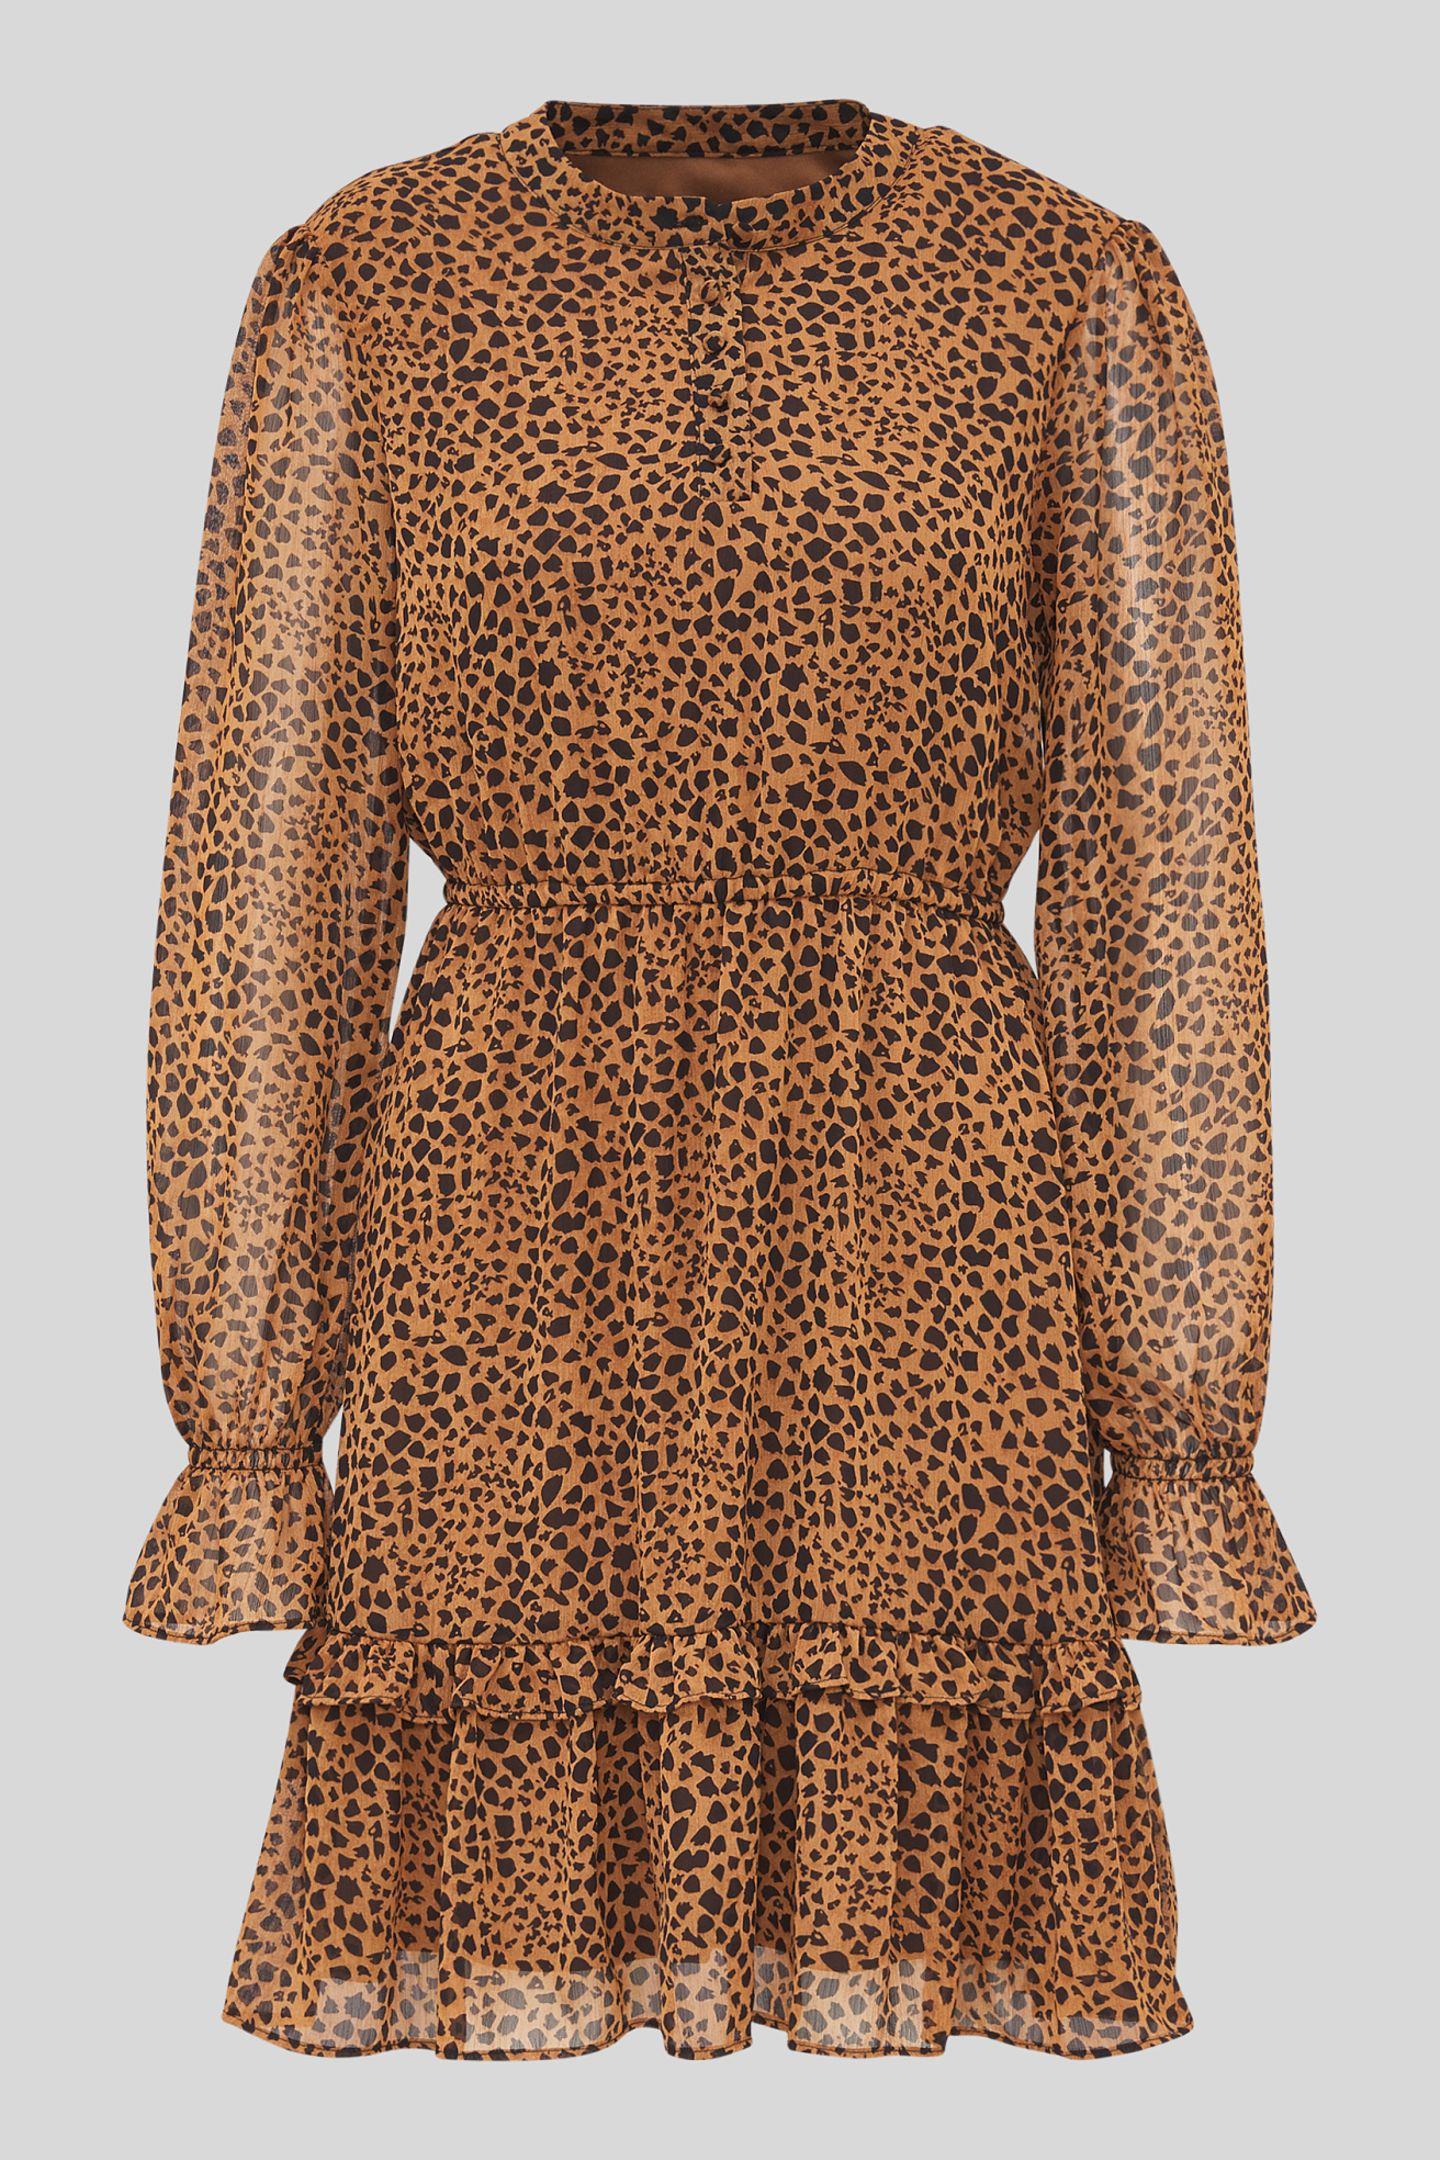 Richtig wild geht es in diesem Kleidchen zu – zumindest in Sachen Trendradar. Der coole Animalprint ist ein echter Allrounder und die weich fließende Qualität macht das Dress zu einem Lieblingsteil an kühleren Sommertagen. Von C&A, reduziert auf 20 Euro.